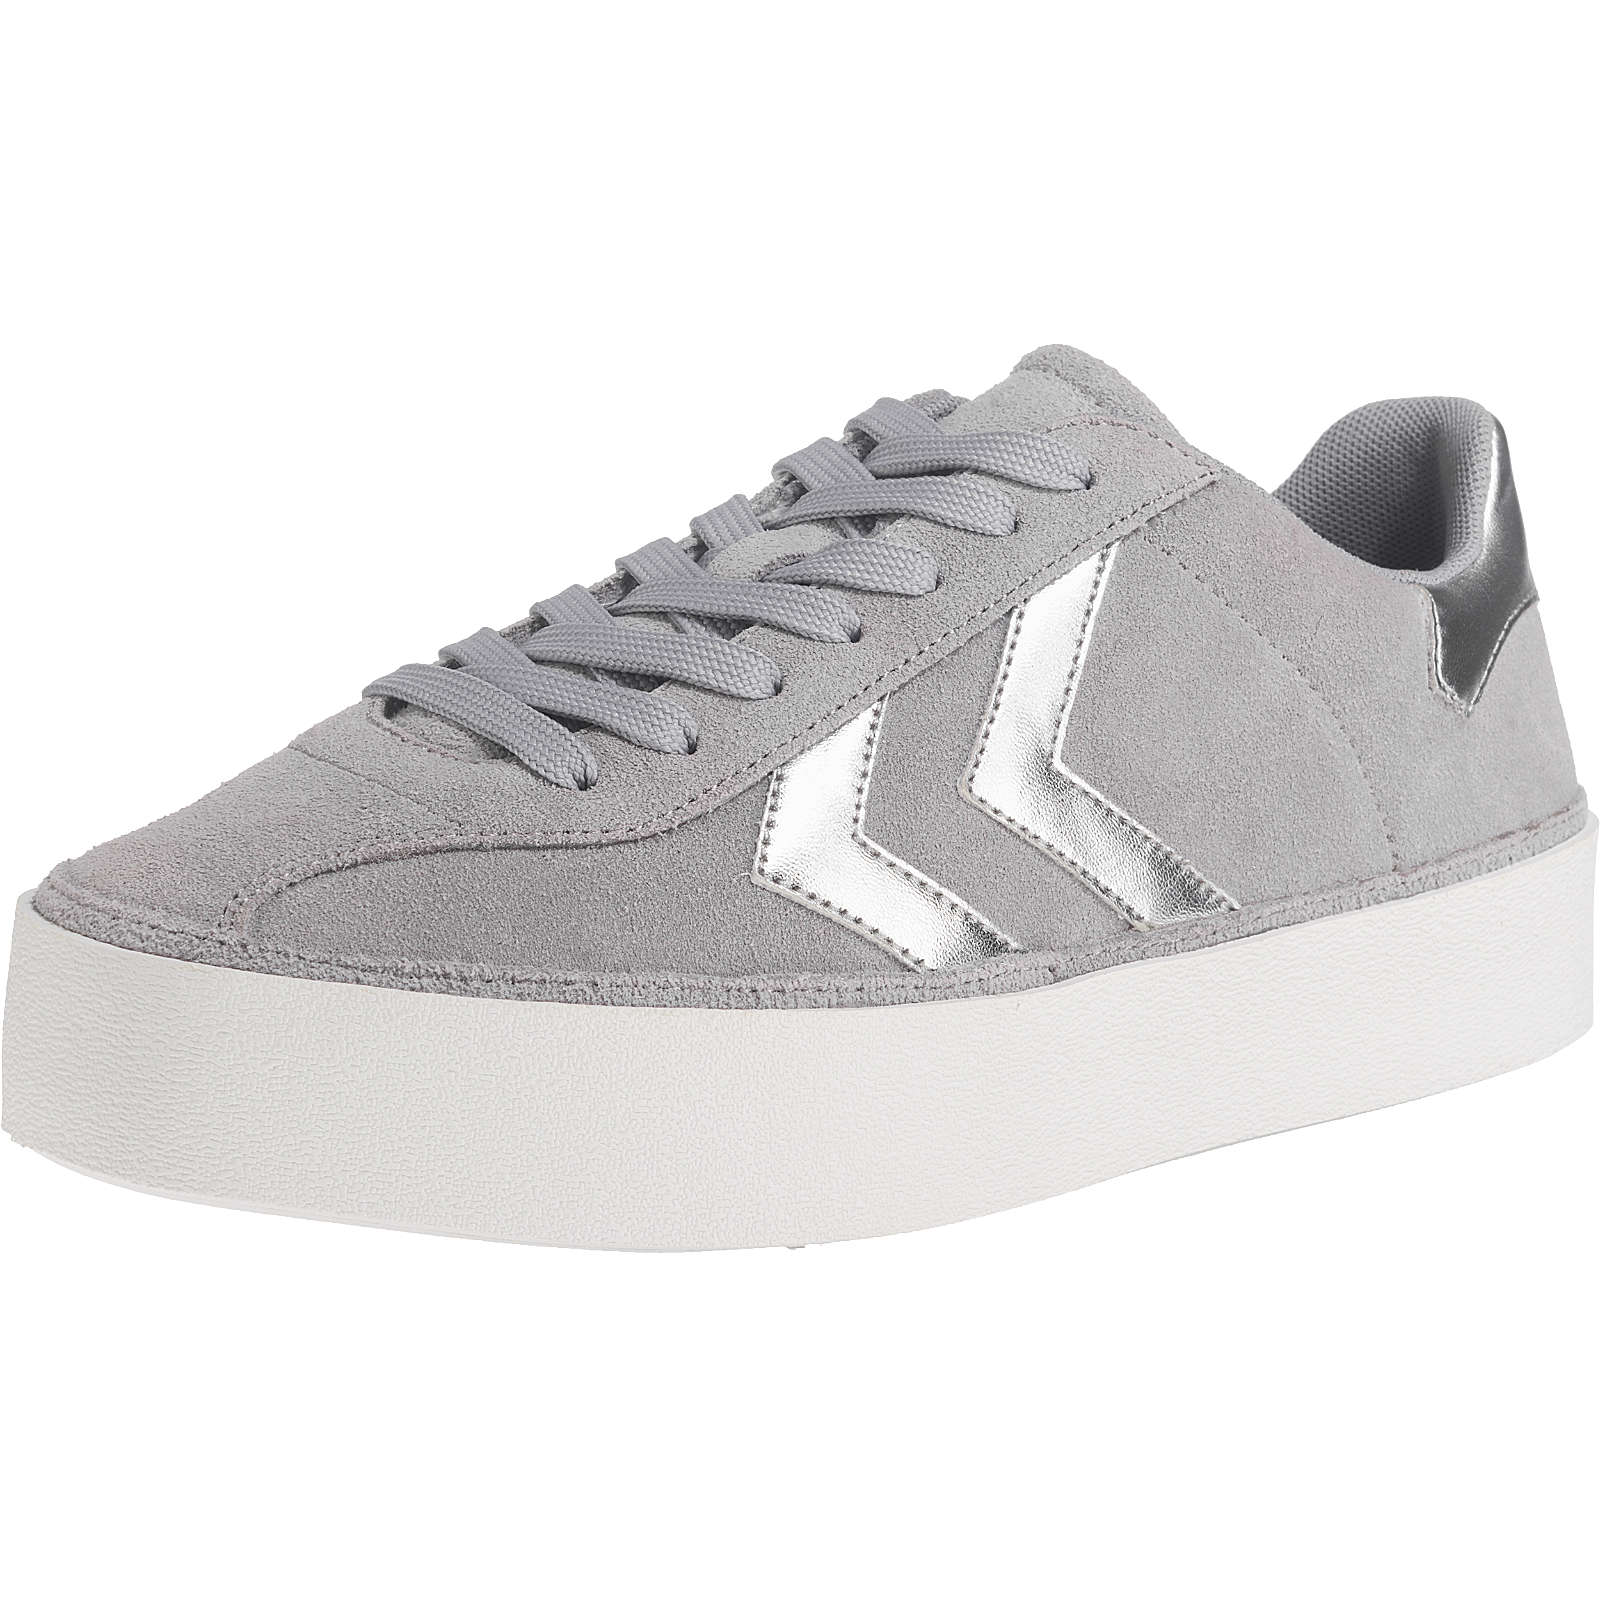 hummel Sneakers Low grau Damen Gr. 39